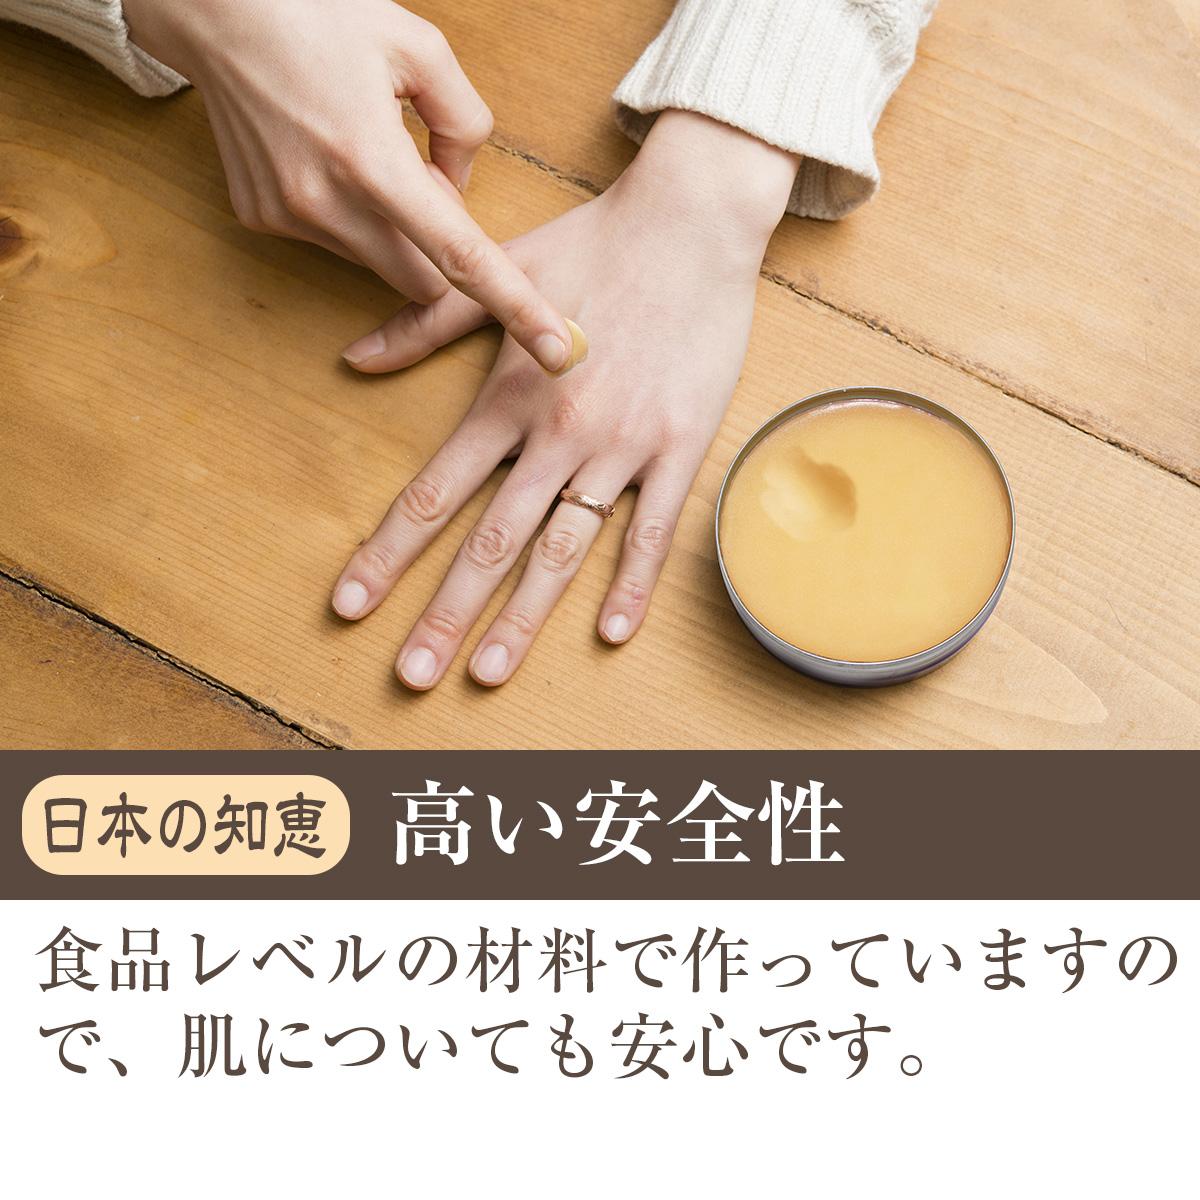 日本の知恵・高い安全性 食品レベルの原材料から作っていますので、肌についても安心です